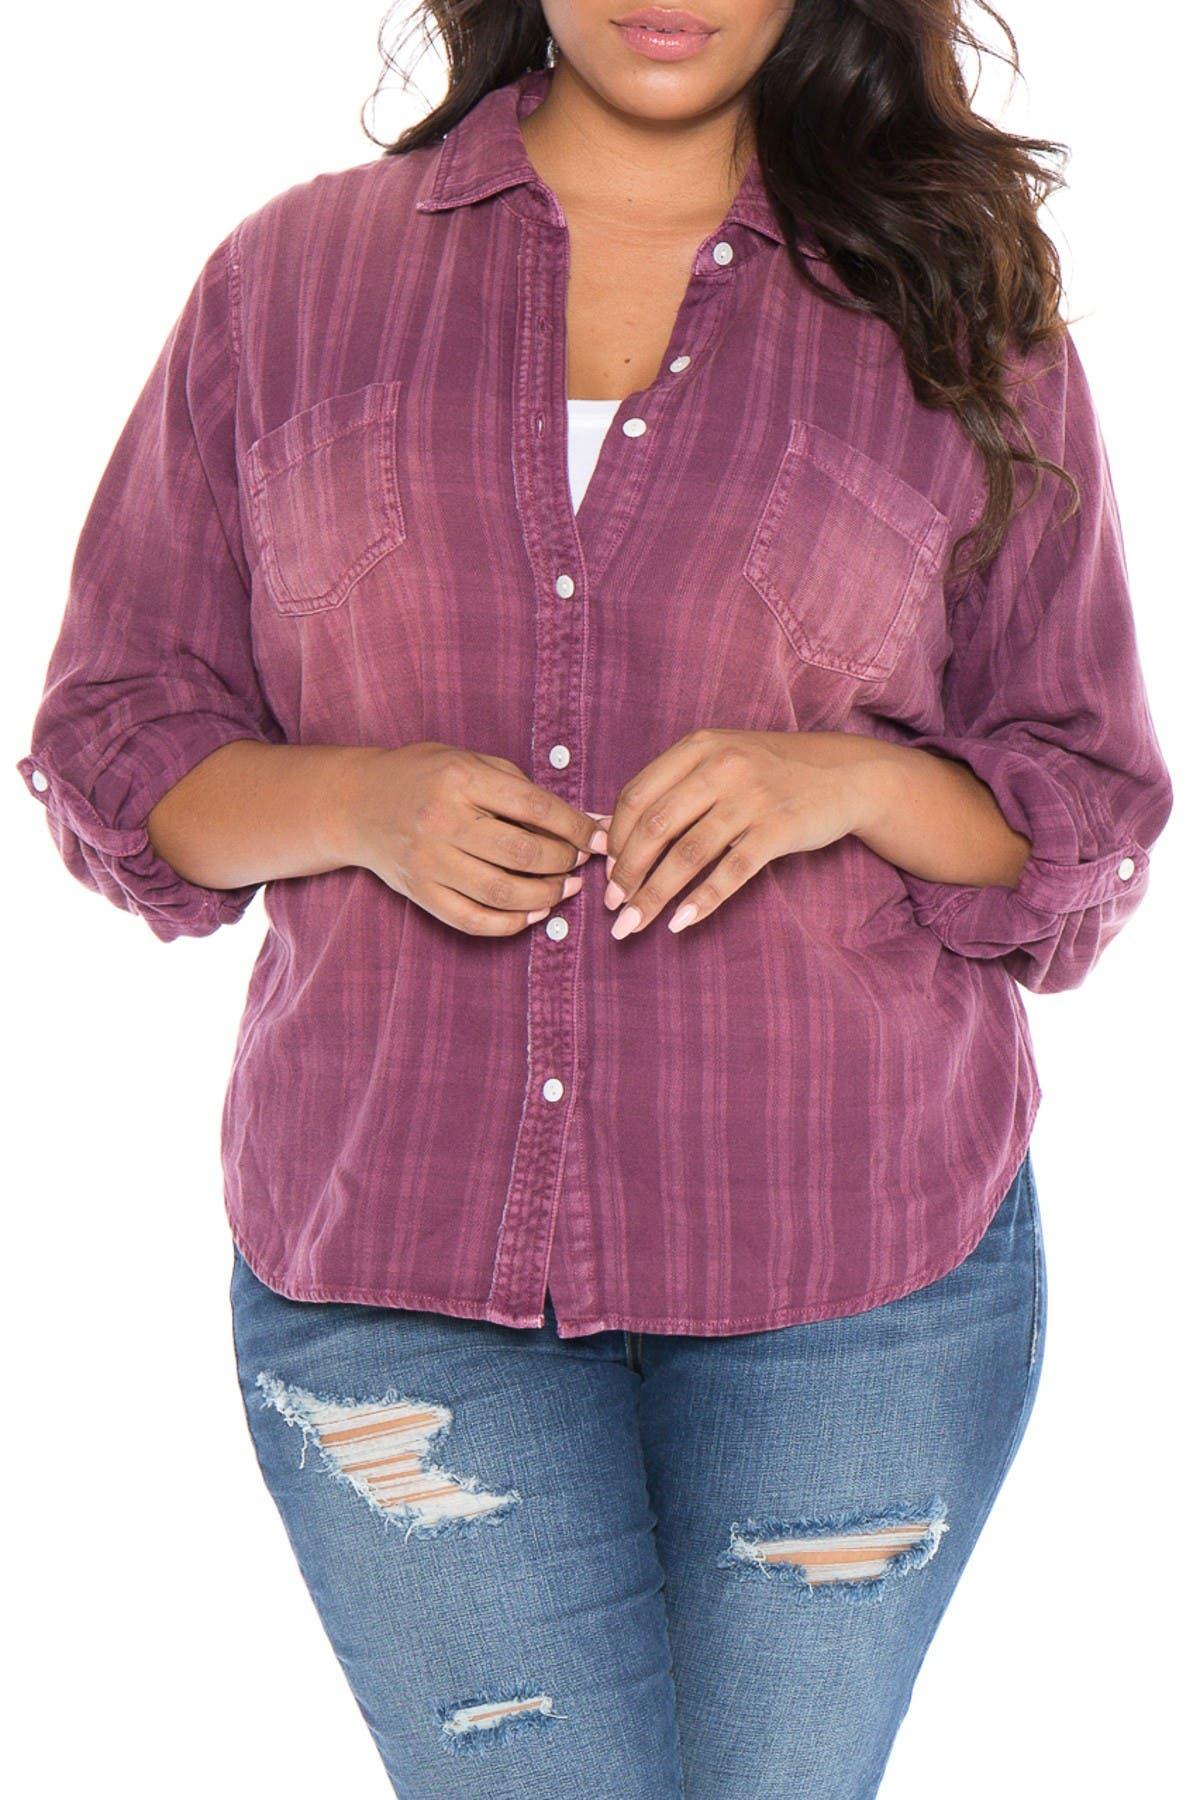 Image of SLINK JEANS Western Shirt